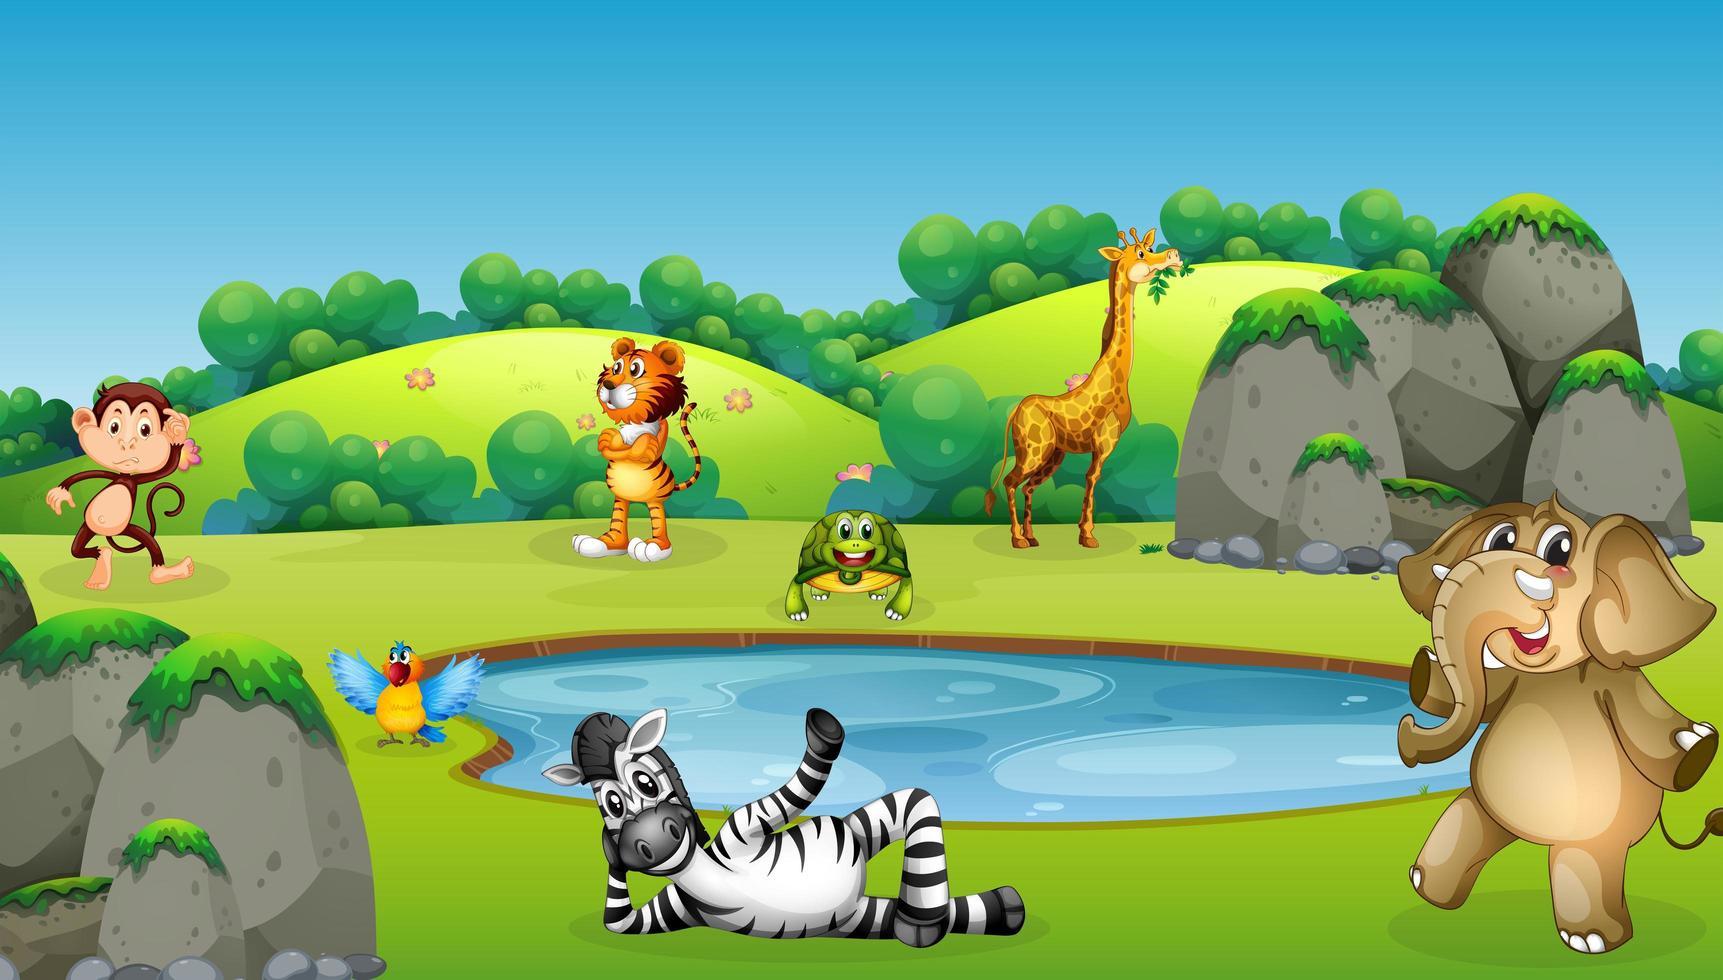 djur runt dammscenen vektor